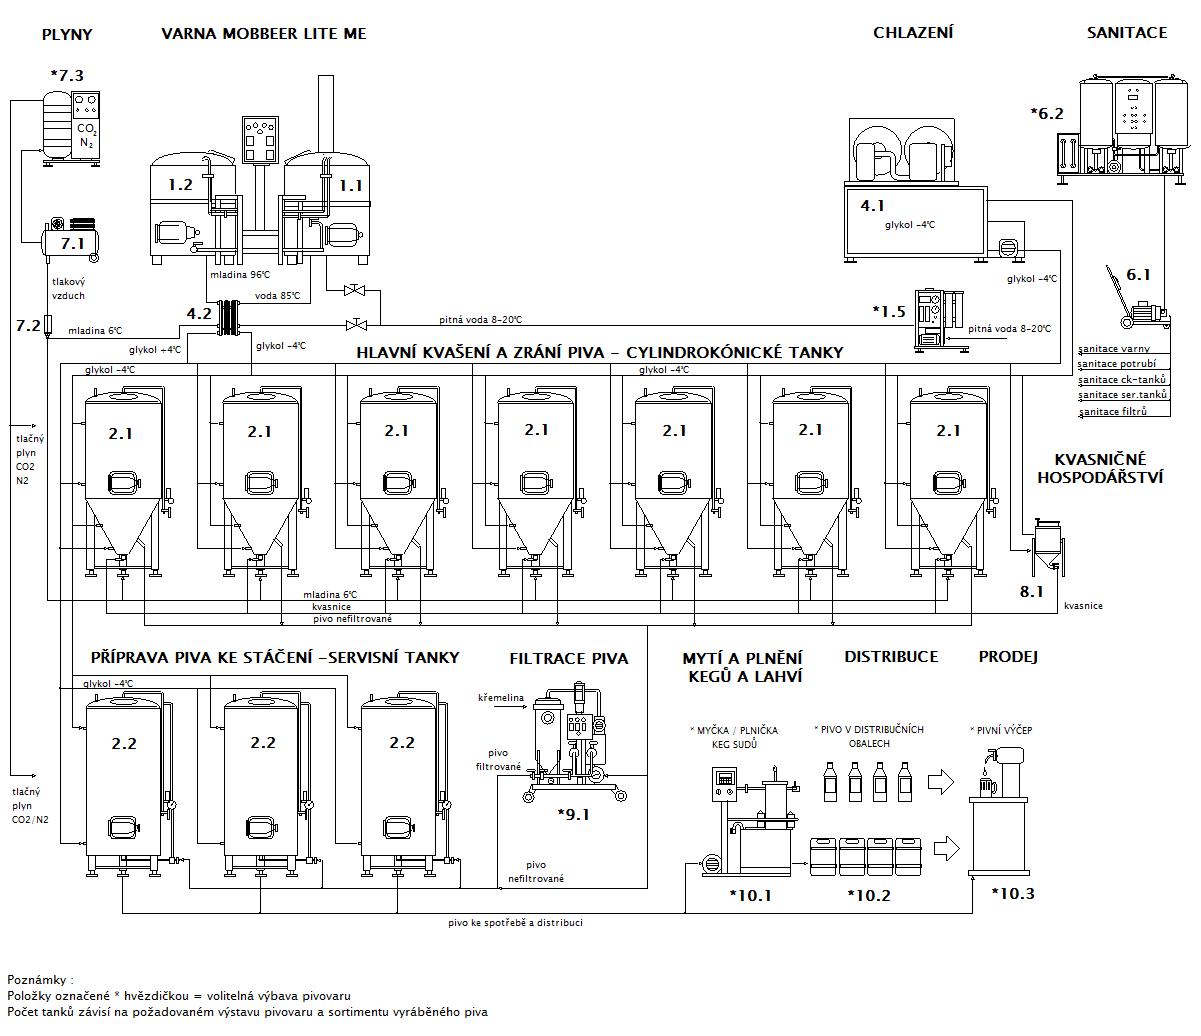 Blokové schéma minipivovaru MOBBEER LITE-ME CF